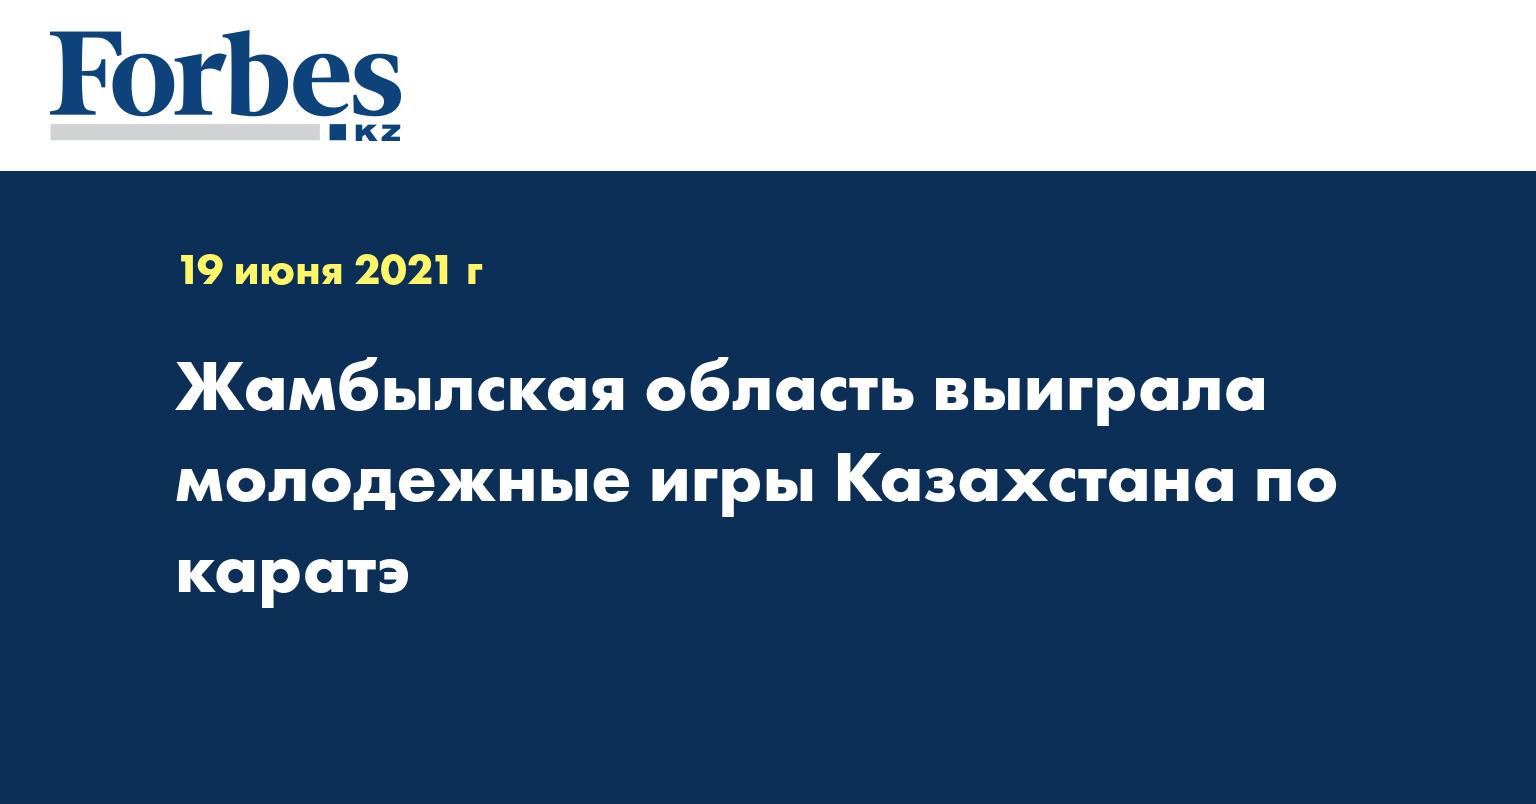 Жамбылская область выиграла молодежные игры Казахстана по каратэ